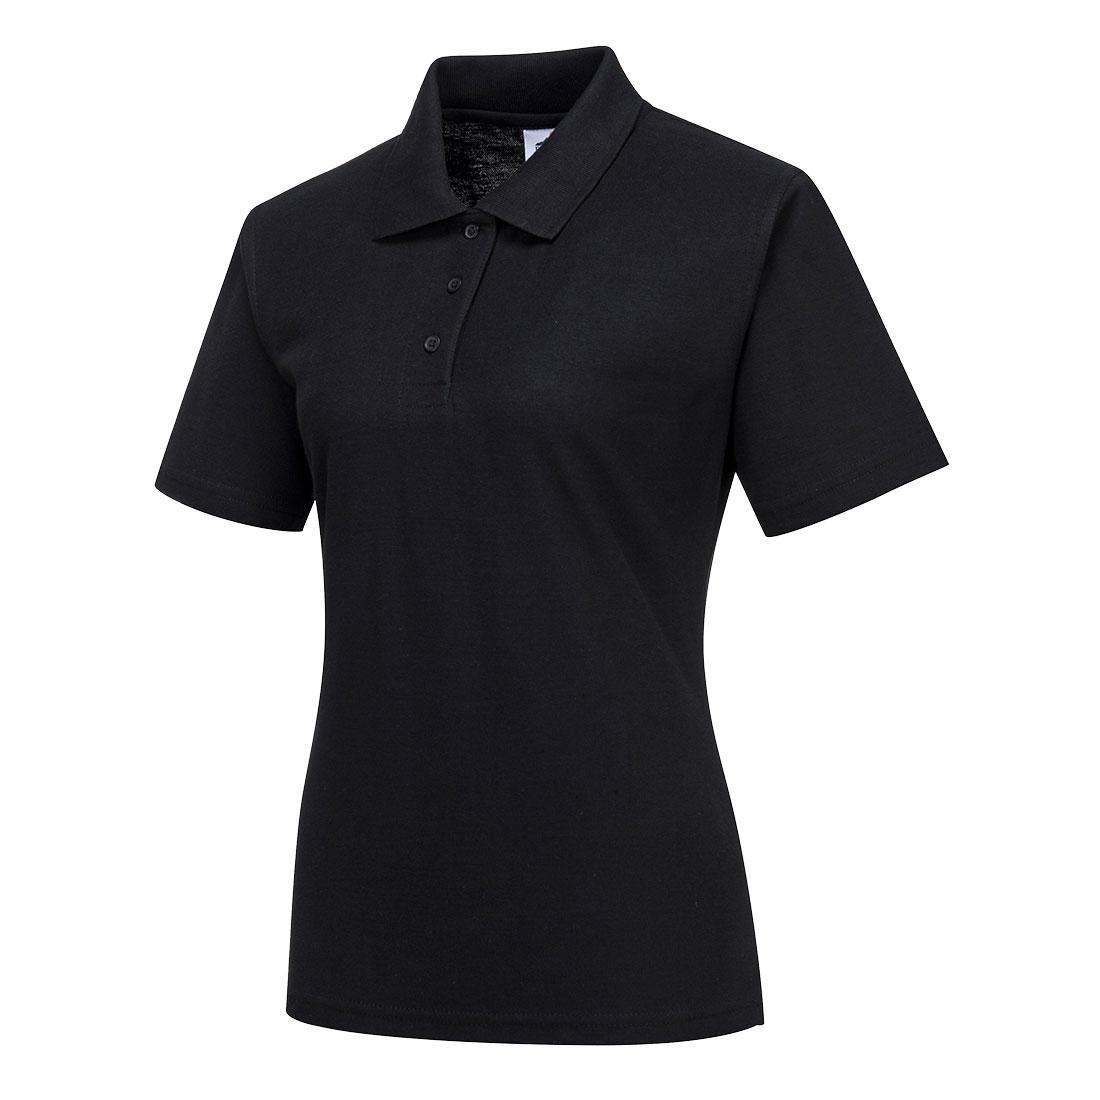 Ladies Polo Shirt Black XSR